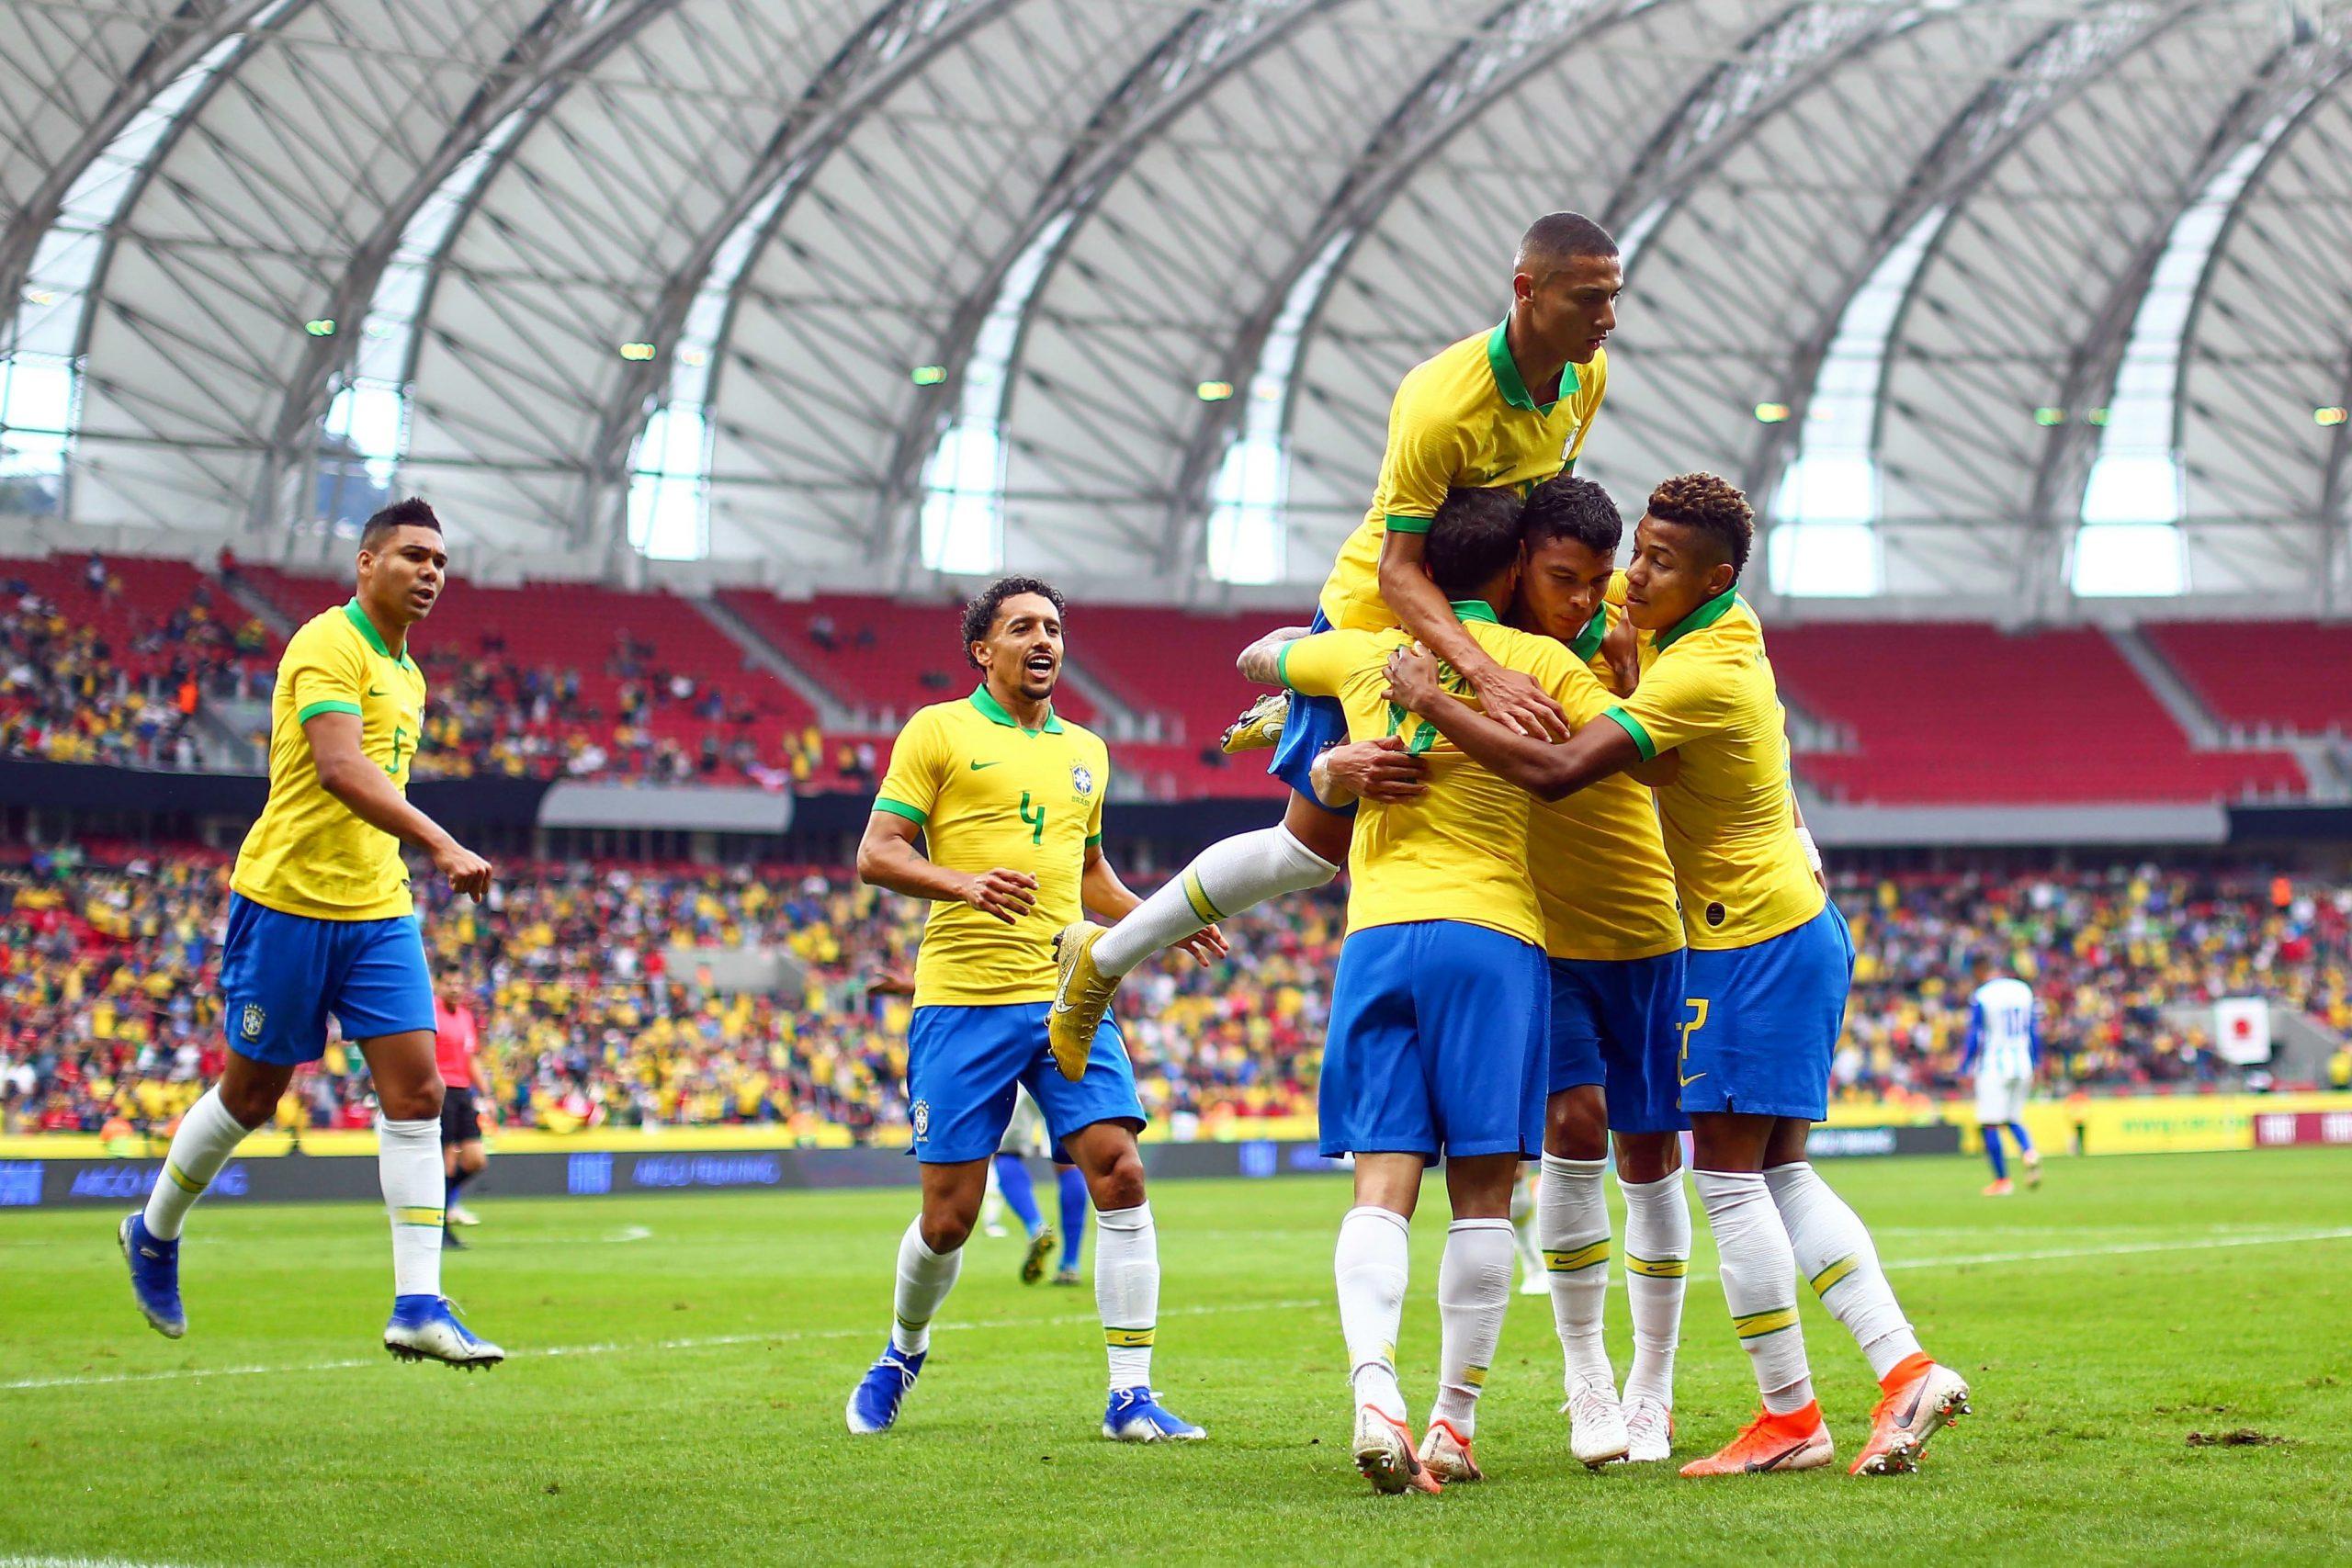 Neymar, Thiago Silva et Marquinhos ont participé à un joli don de la Seleçao face au coronavirus